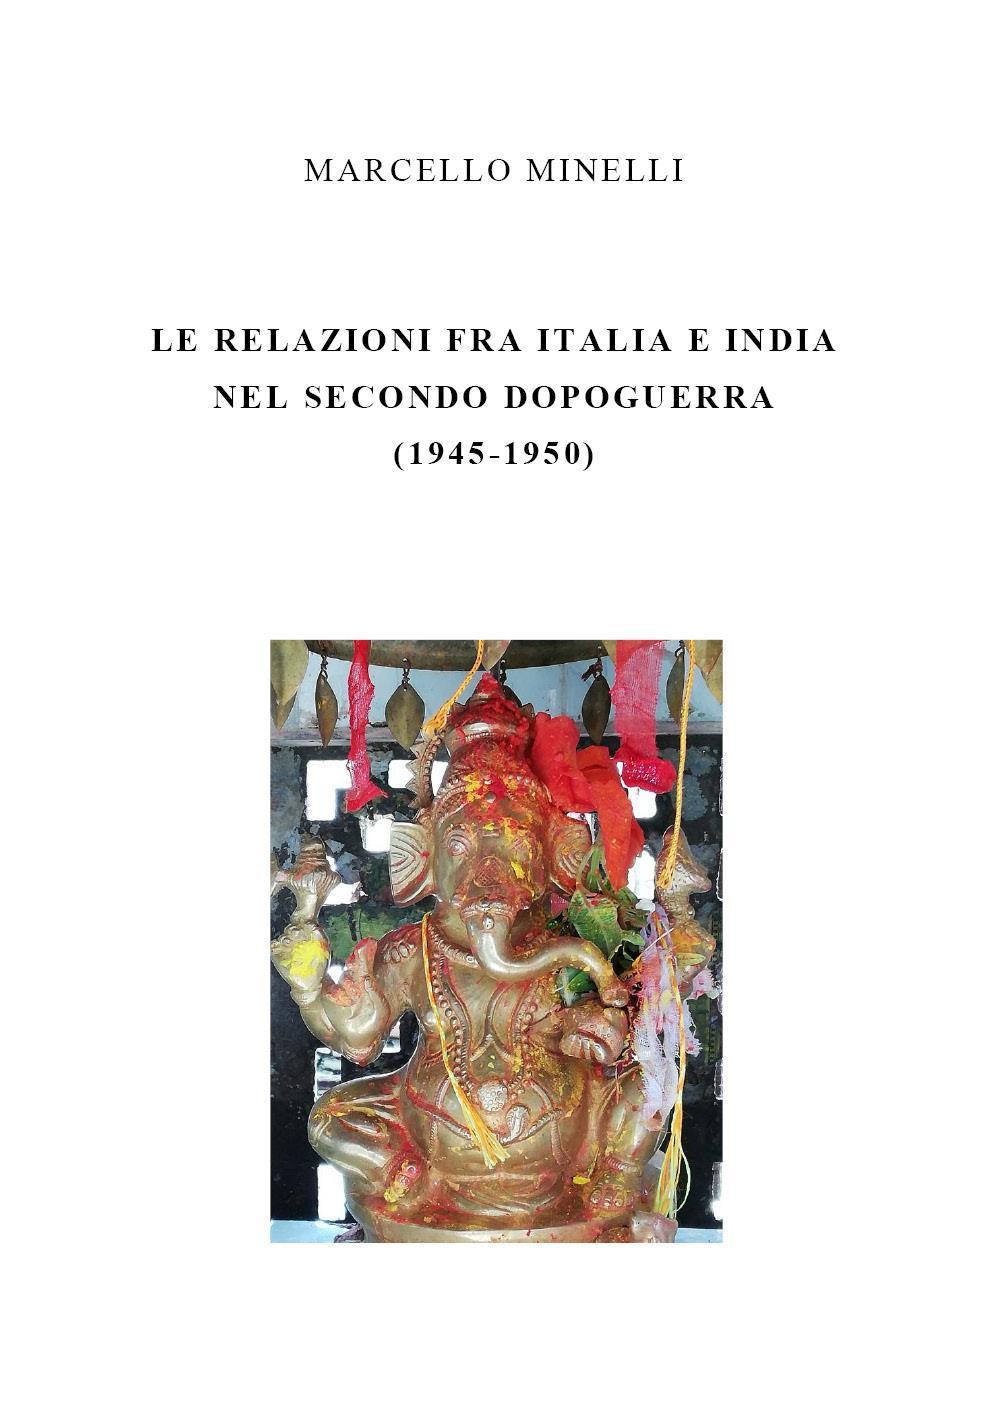 Le relazioni fra Italia e India nel secondo dopoguerra (1945-1950)